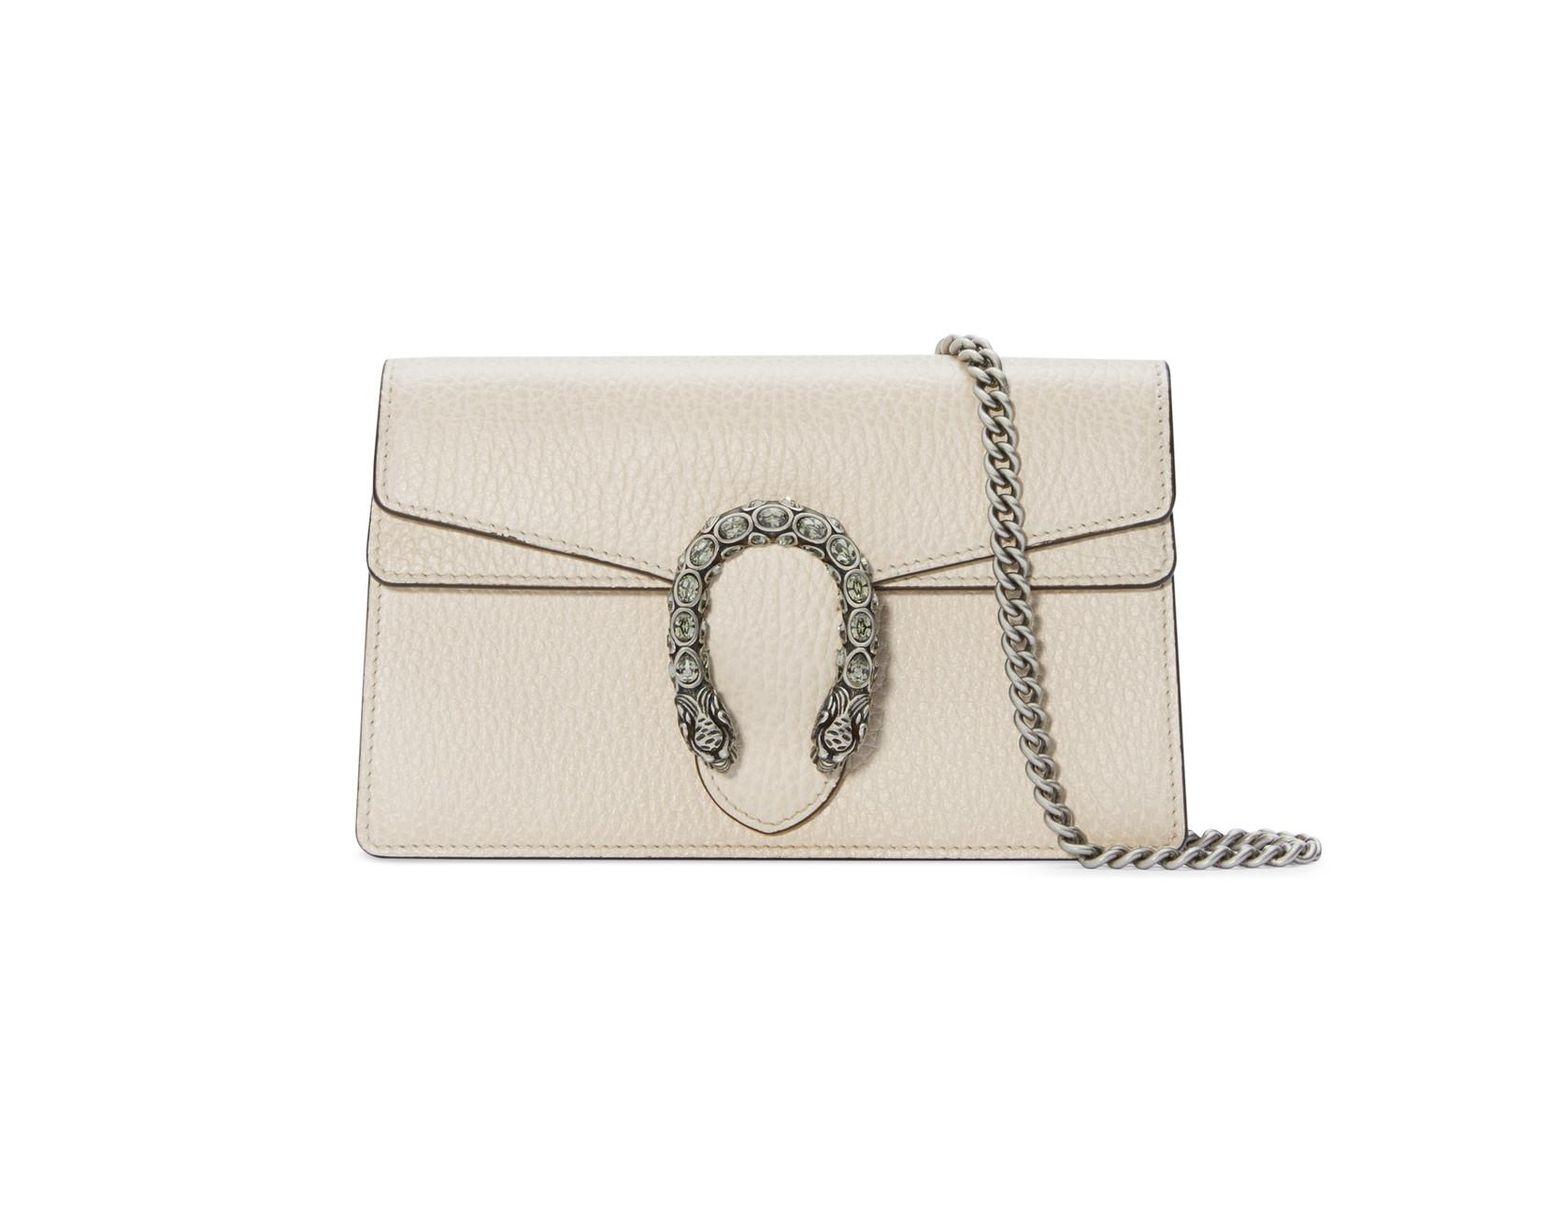 1247e31293c7 Gucci Dionysus Super Mini Leather Bag in White - Lyst